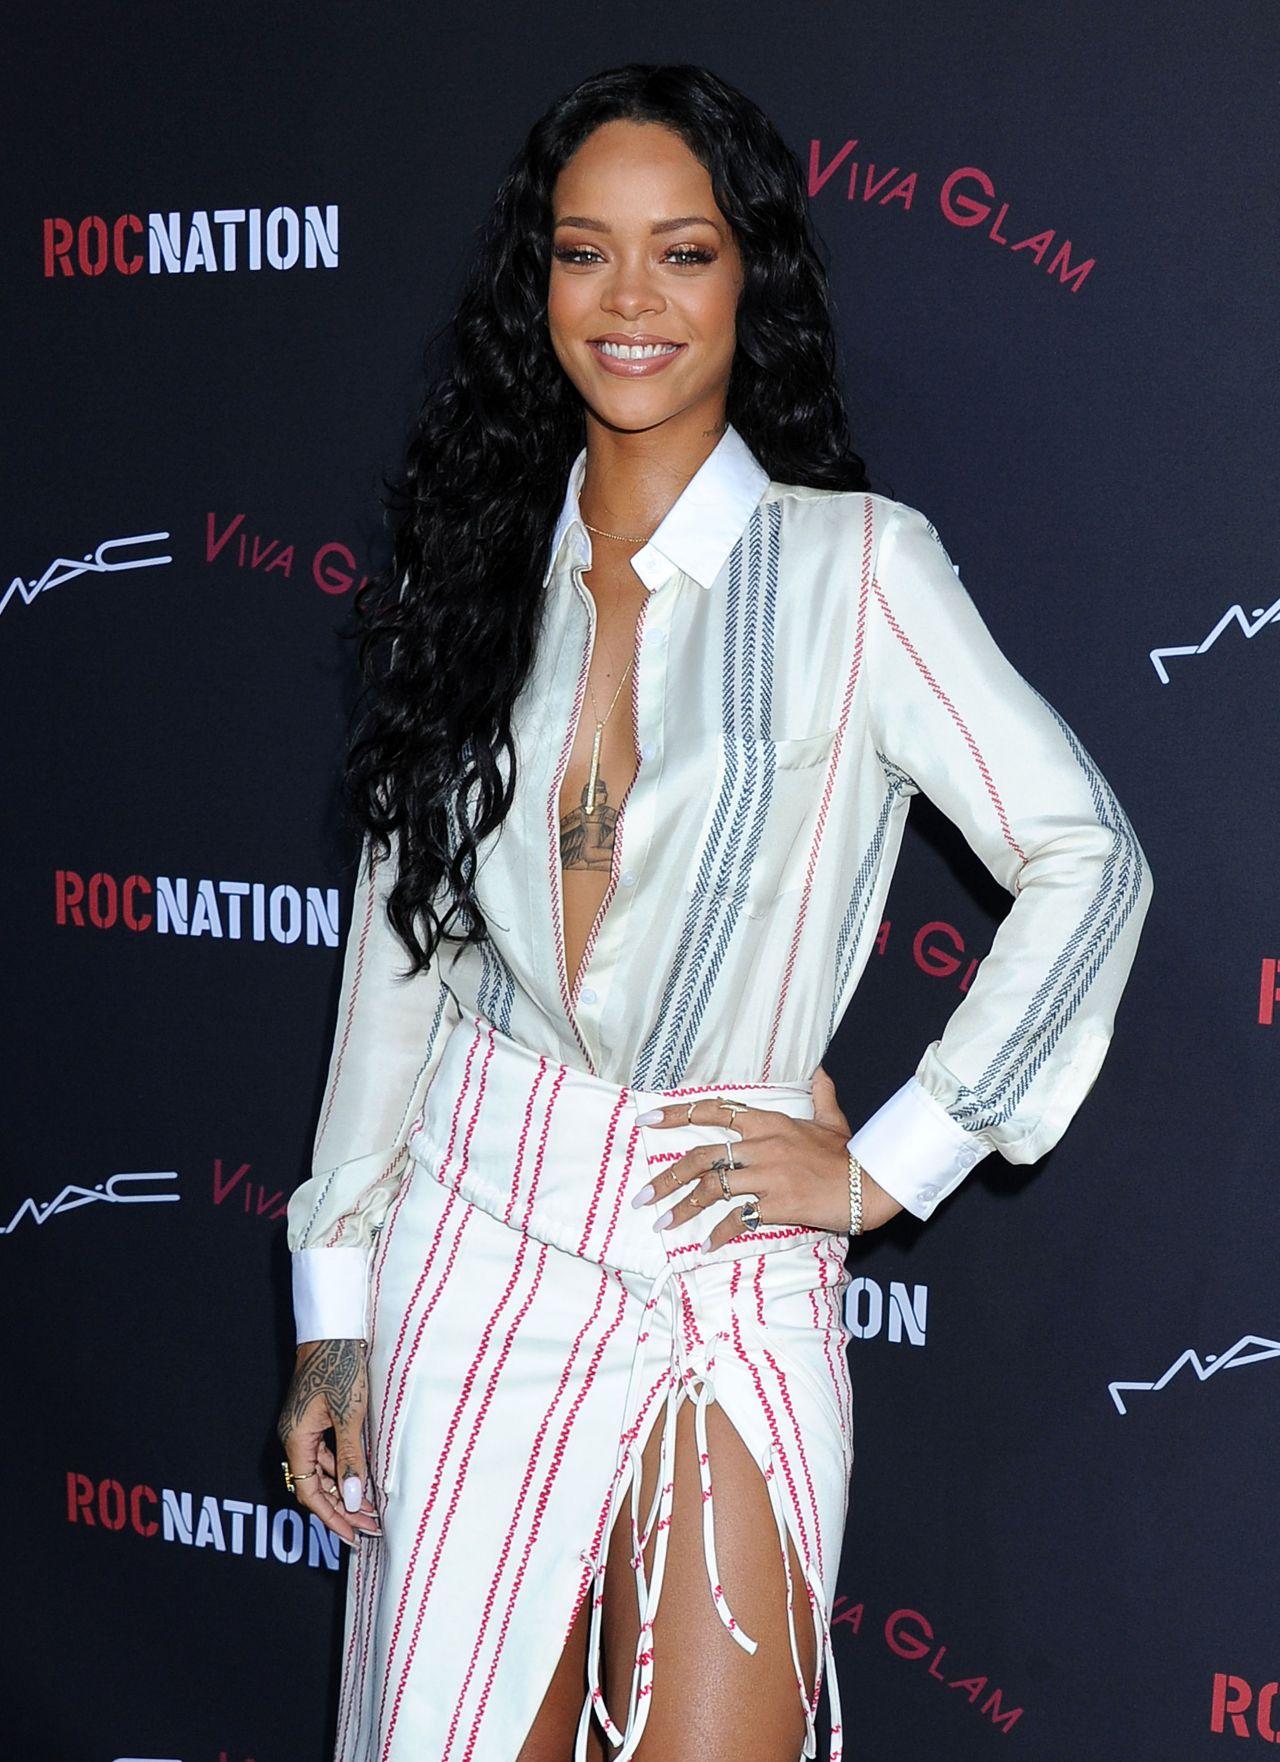 ... hay Rihanna.